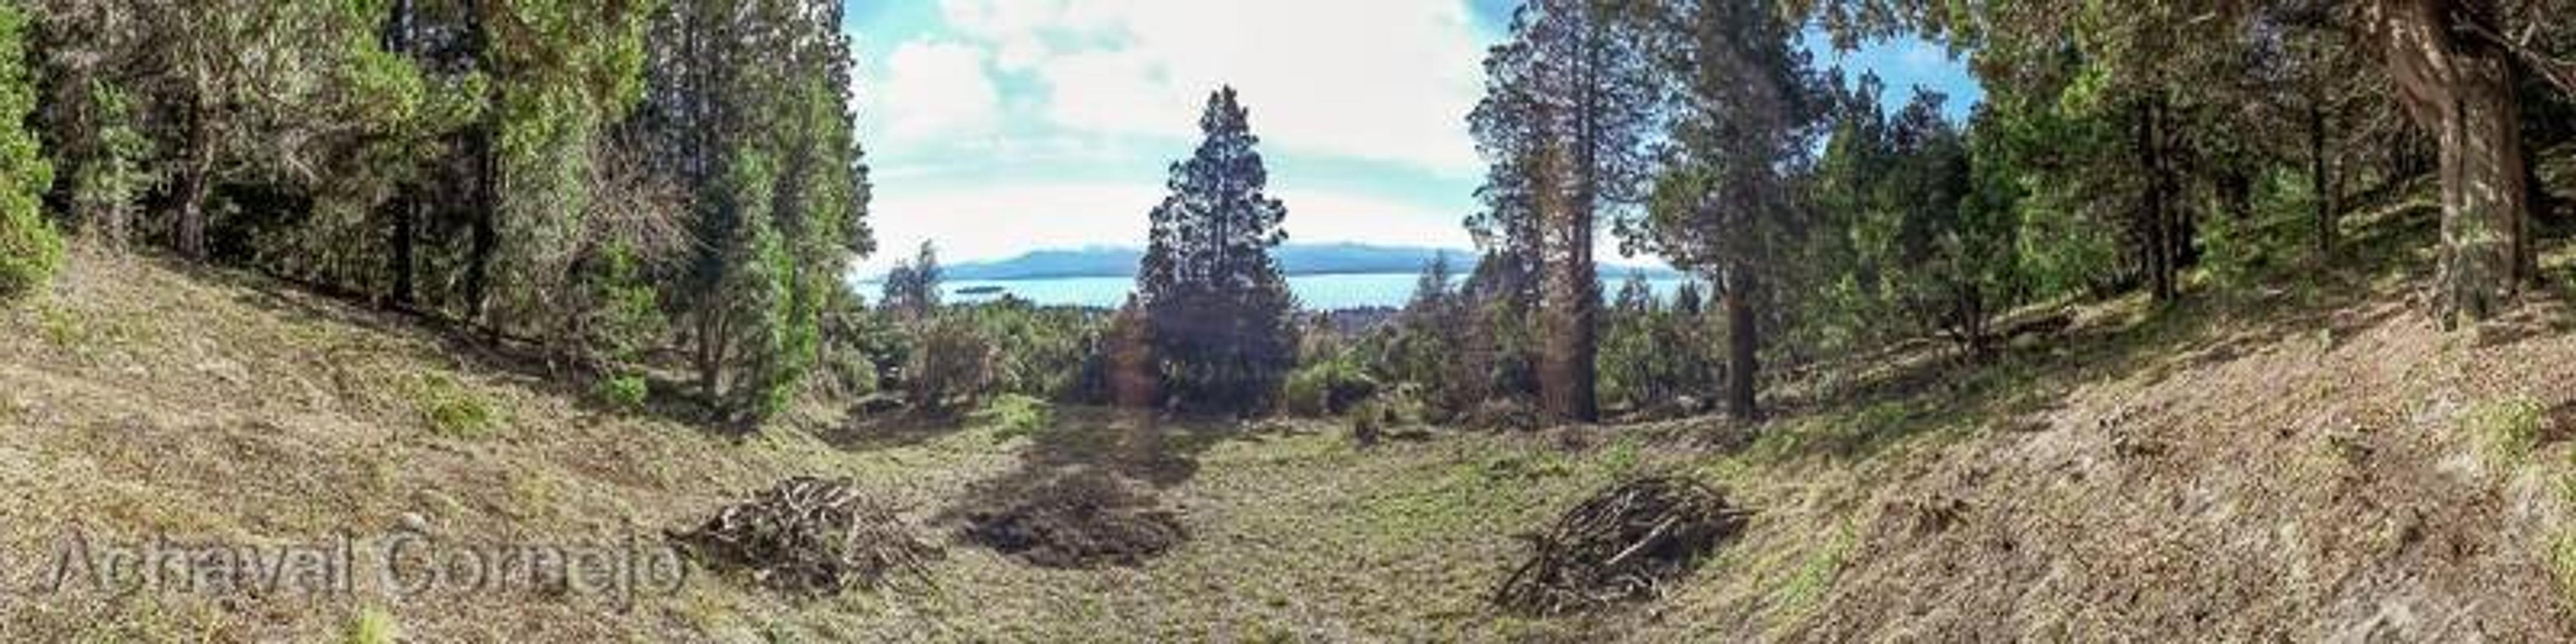 Excelente Terreno con vista al Lago Nahuel Huapi en Barrio Parque El Faldeo